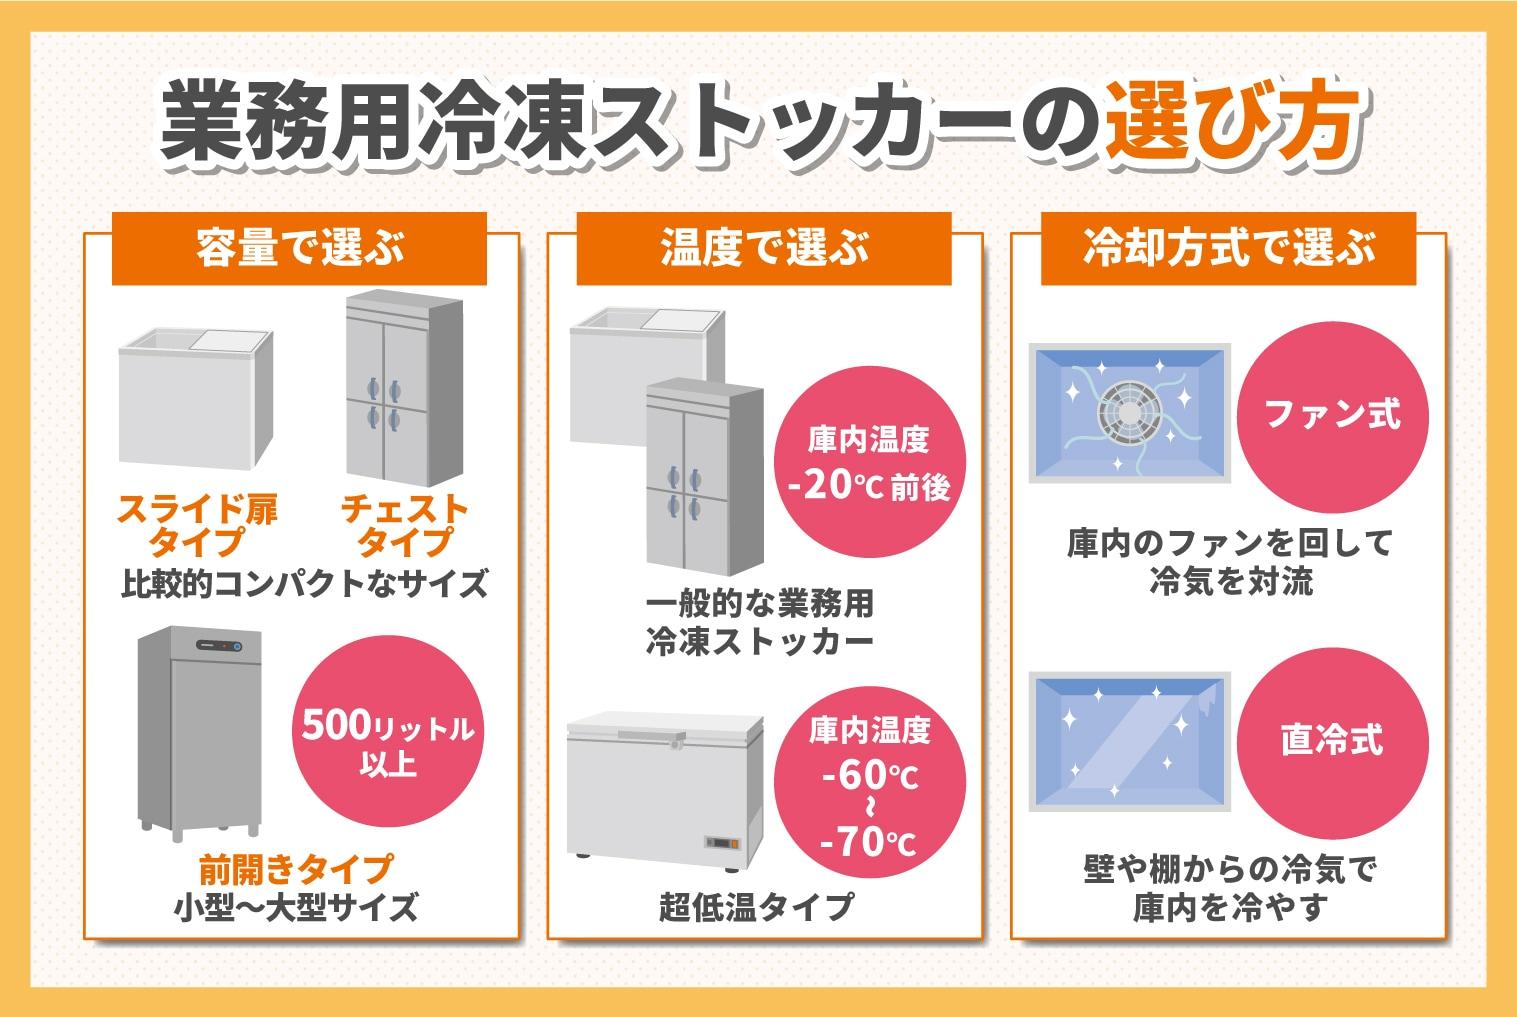 業務用冷凍ストッカーの選び方